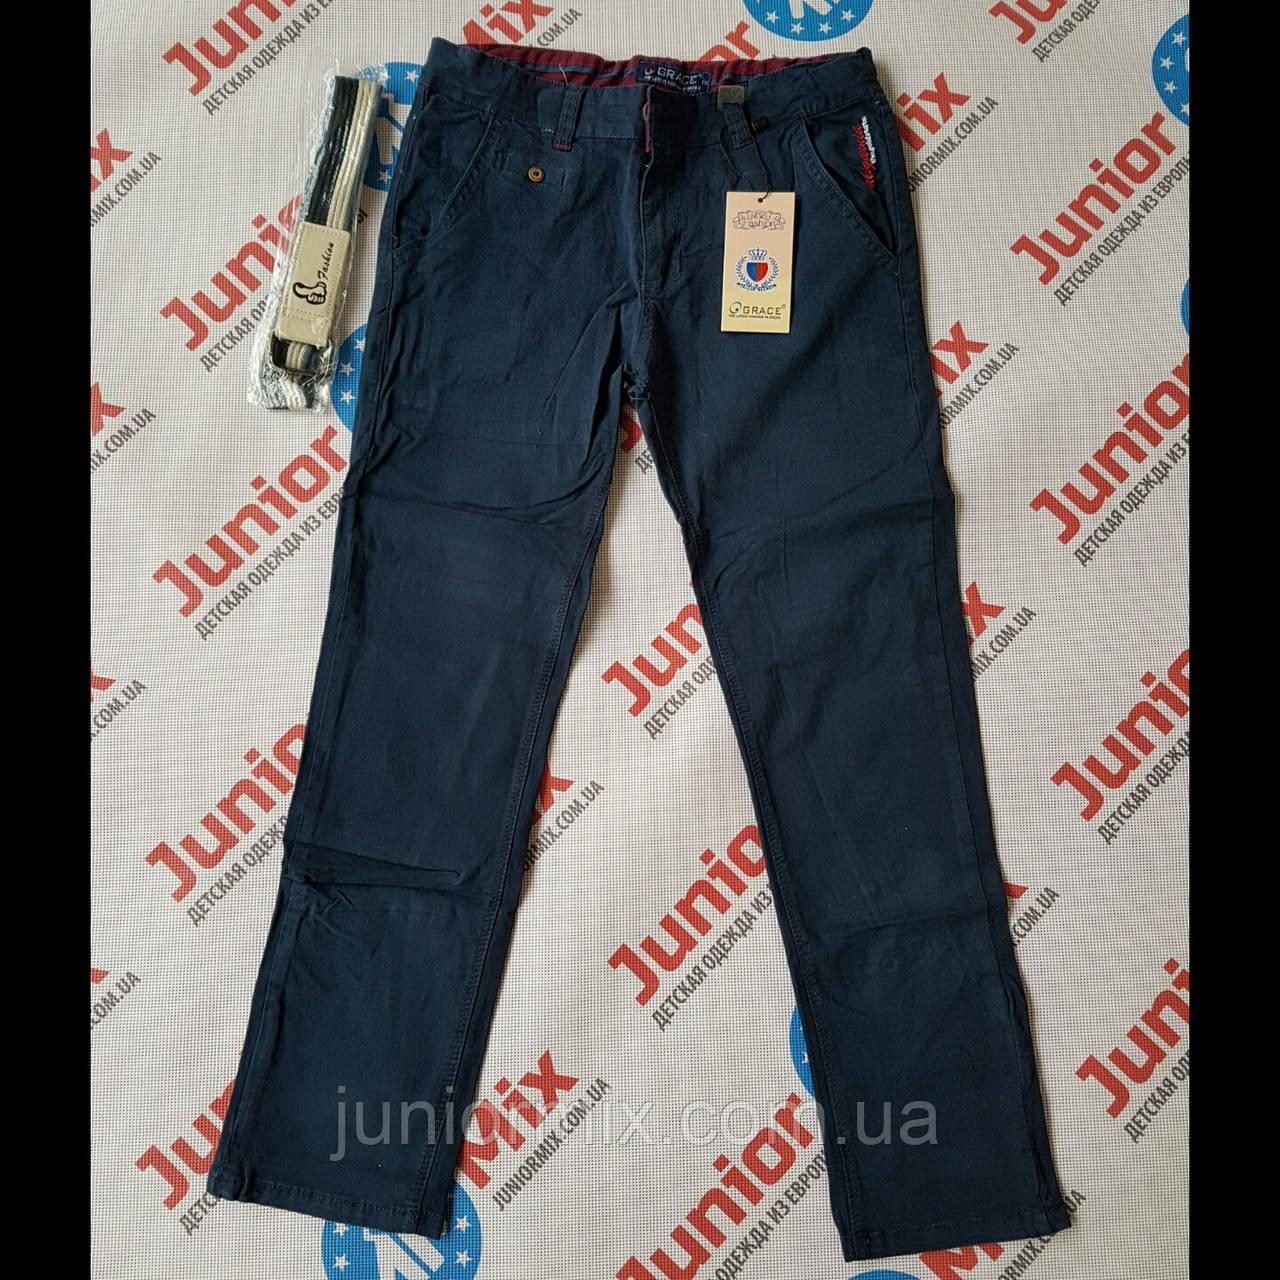 Котоновые подростковые брюки на мальчика синего цвета GRACE